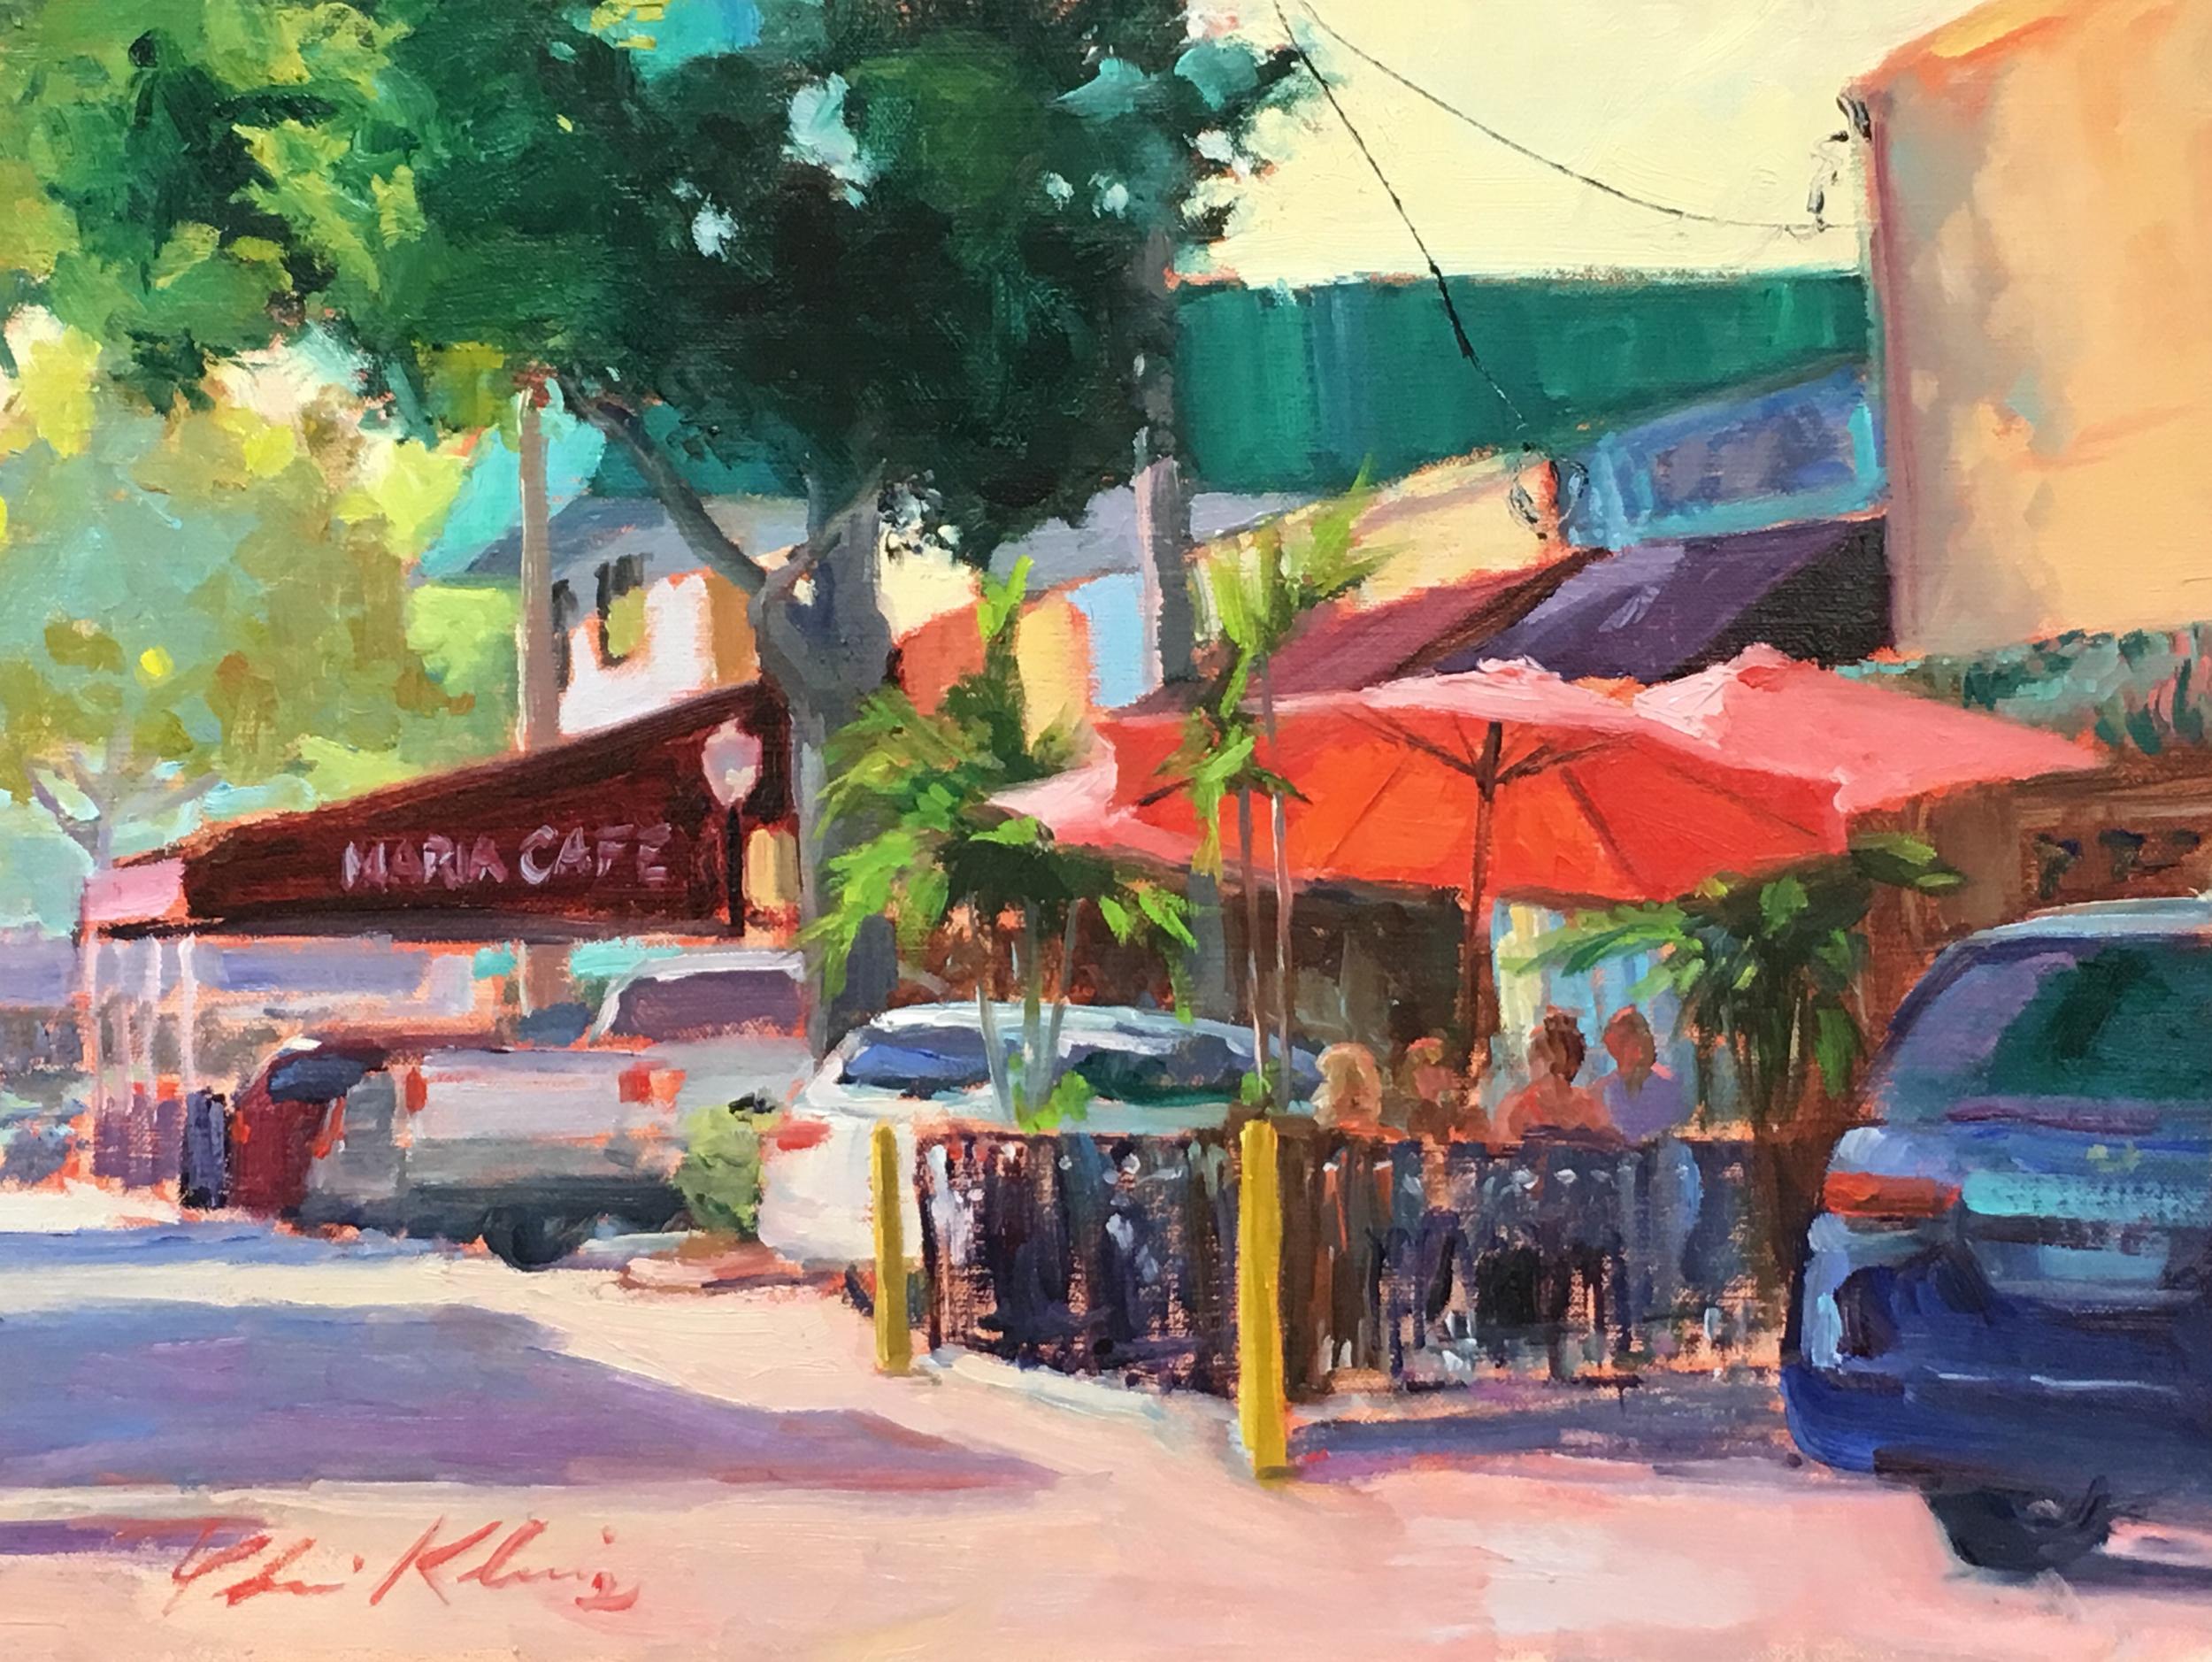 Kling_Cafe Breakfast, 12 x 16, 300 dpi.jpg